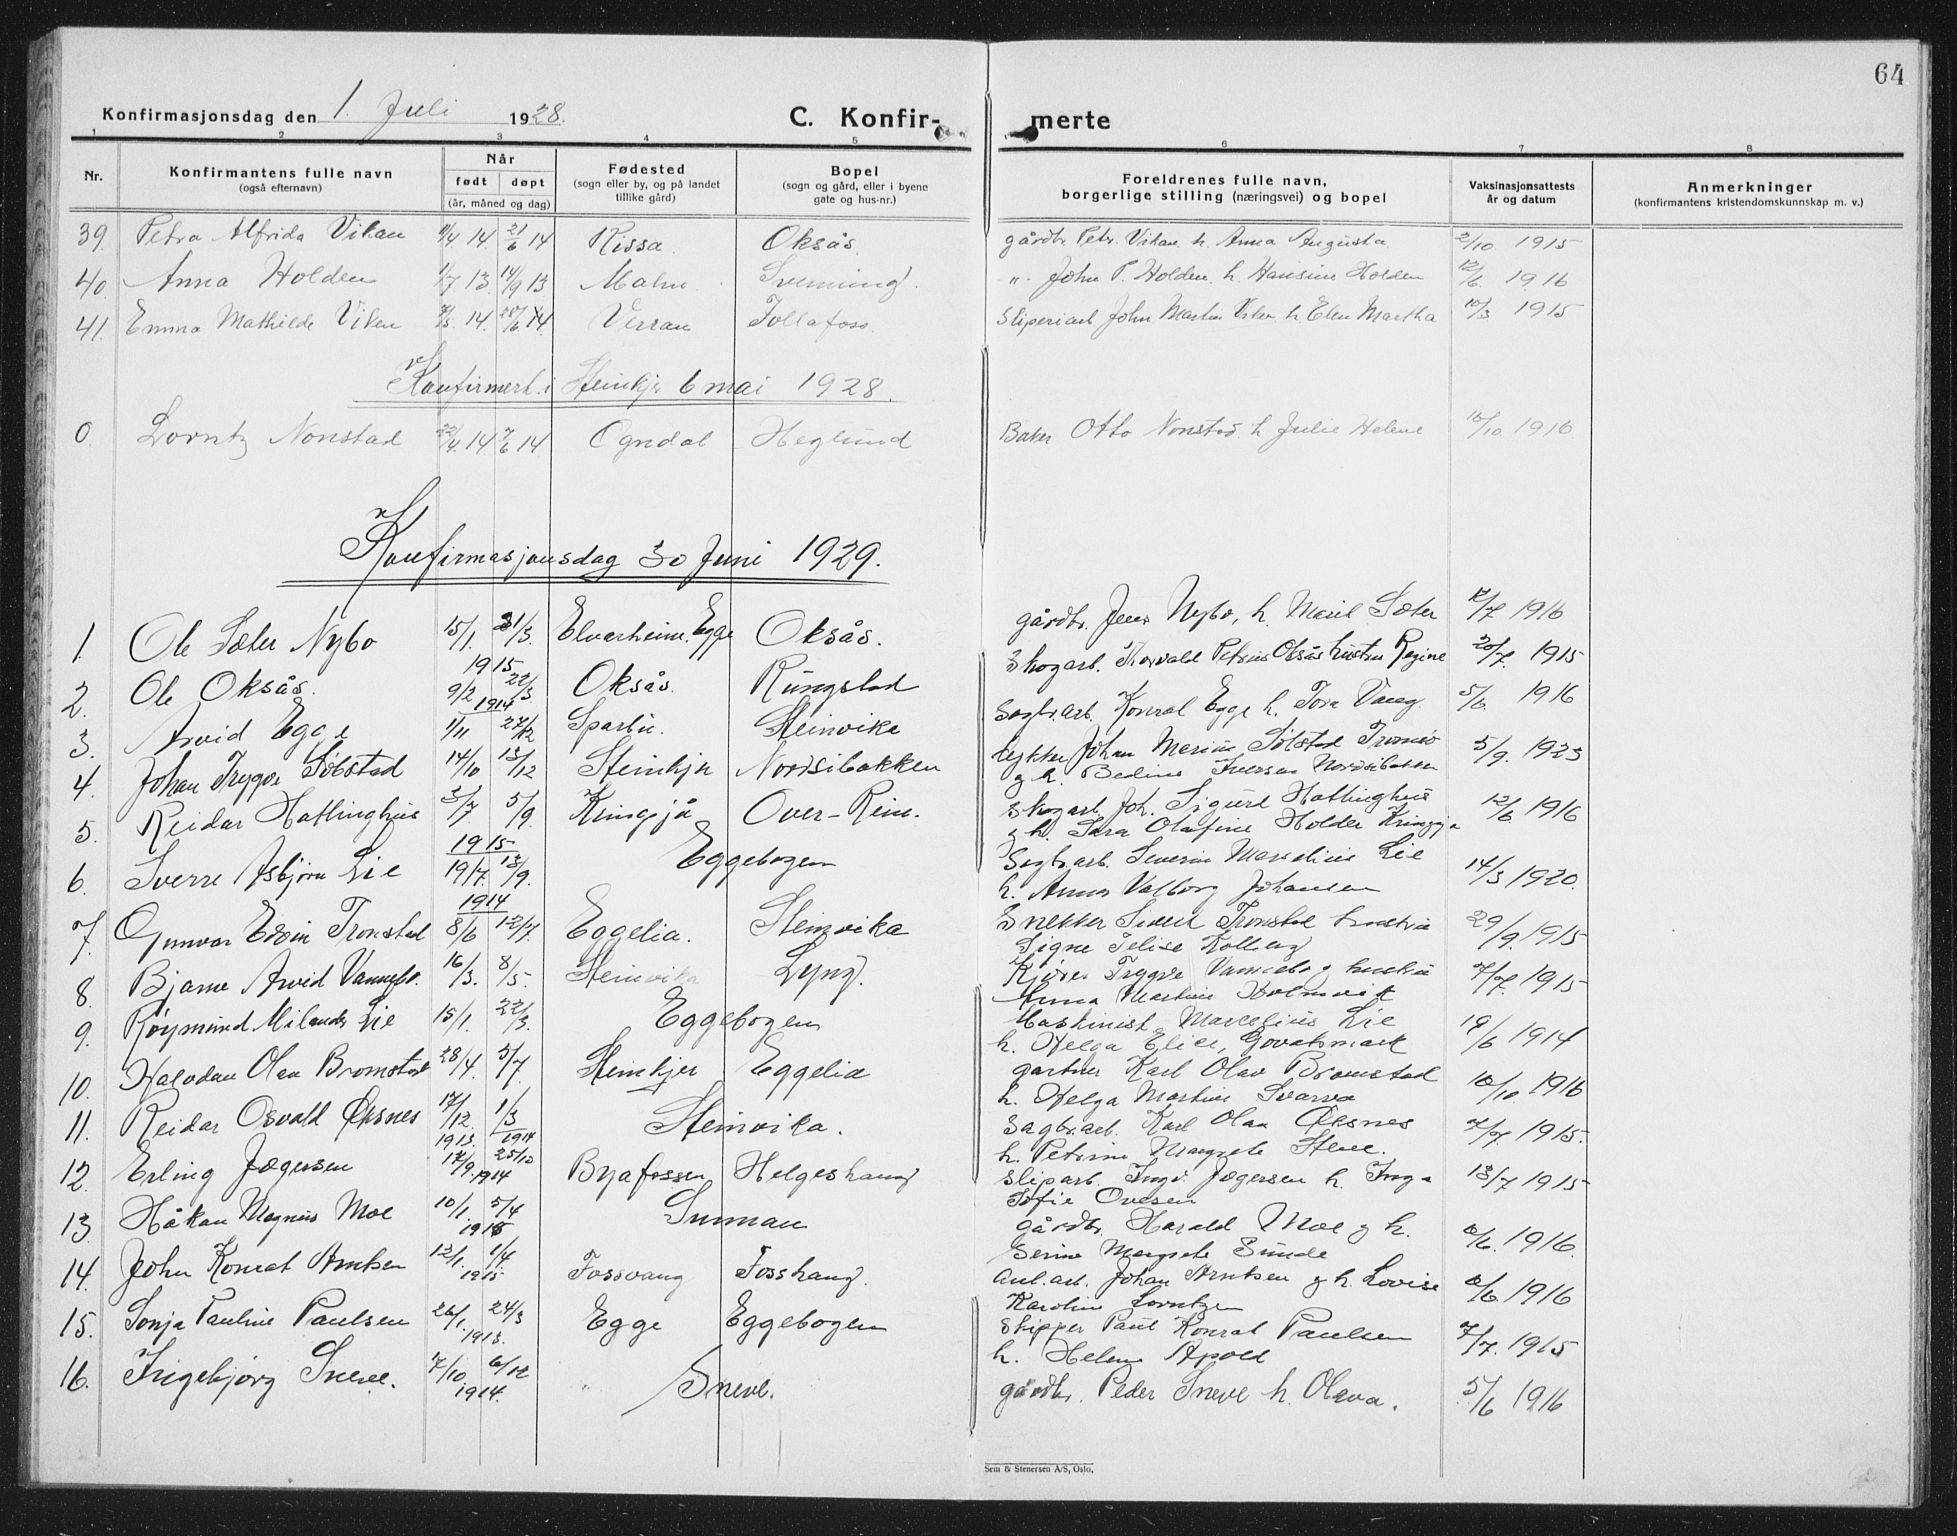 SAT, Ministerialprotokoller, klokkerbøker og fødselsregistre - Nord-Trøndelag, 740/L0383: Klokkerbok nr. 740C04, 1927-1939, s. 64